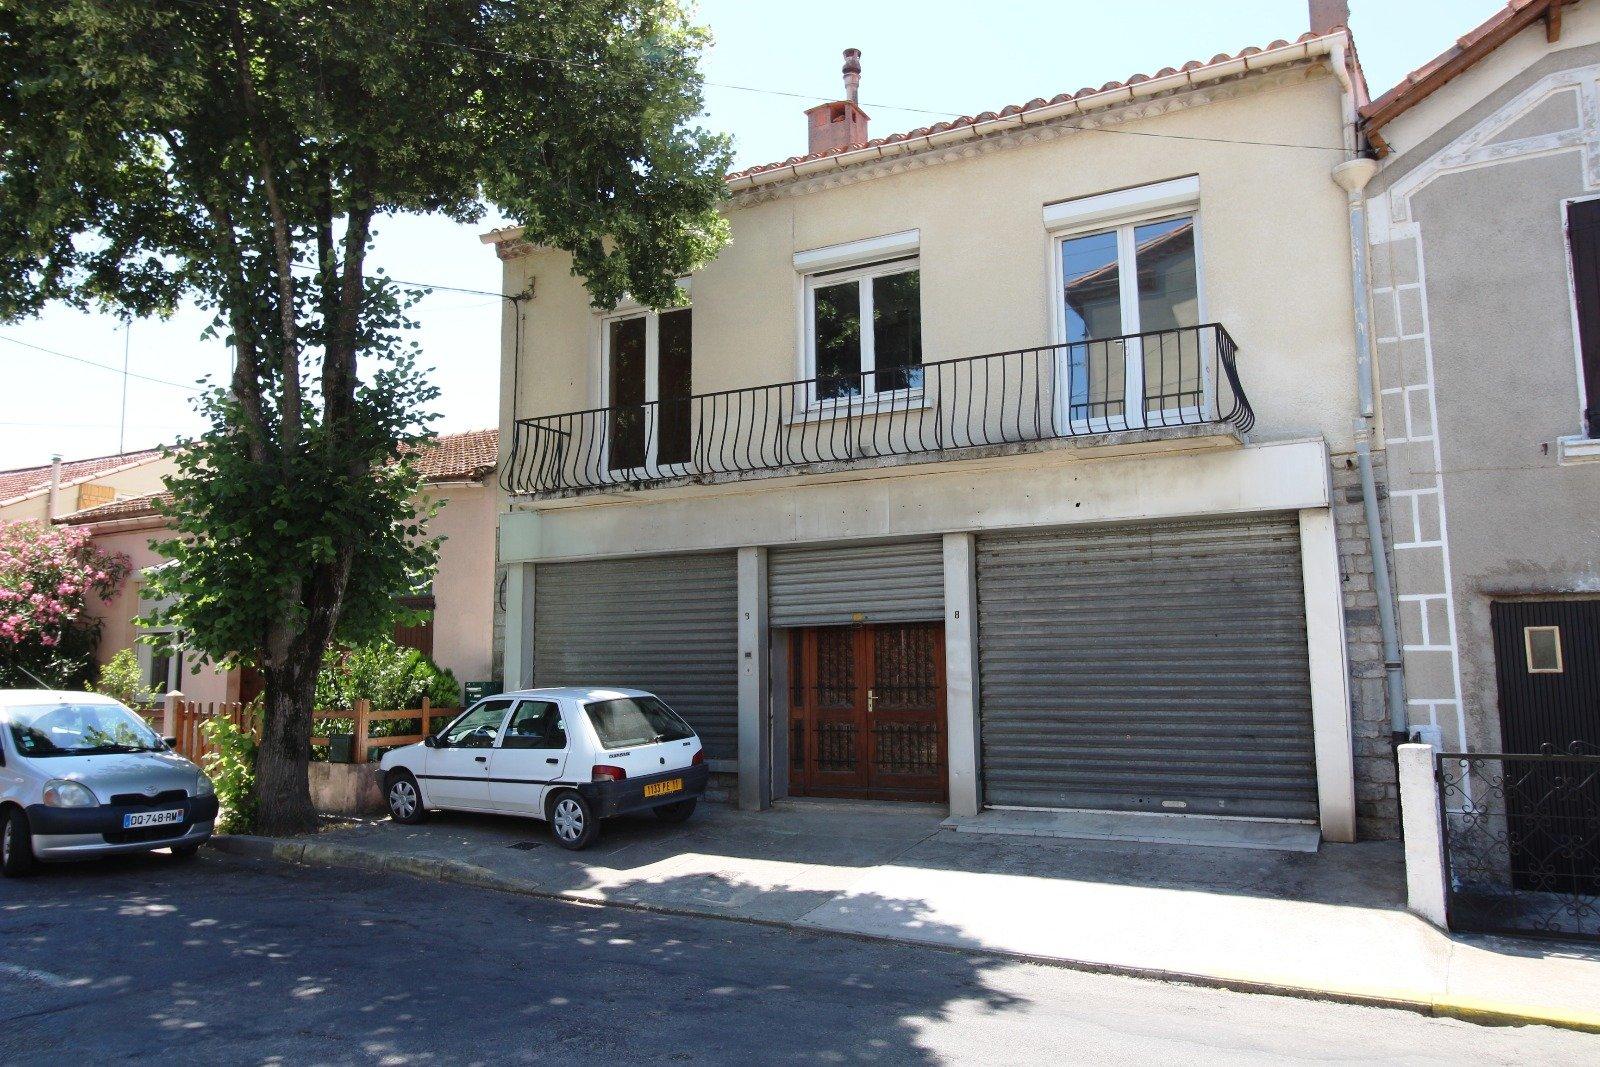 maison 224 vendre 224 carcassonne proche avenue 0002937 agence immobiliere 224 carcassonne aude